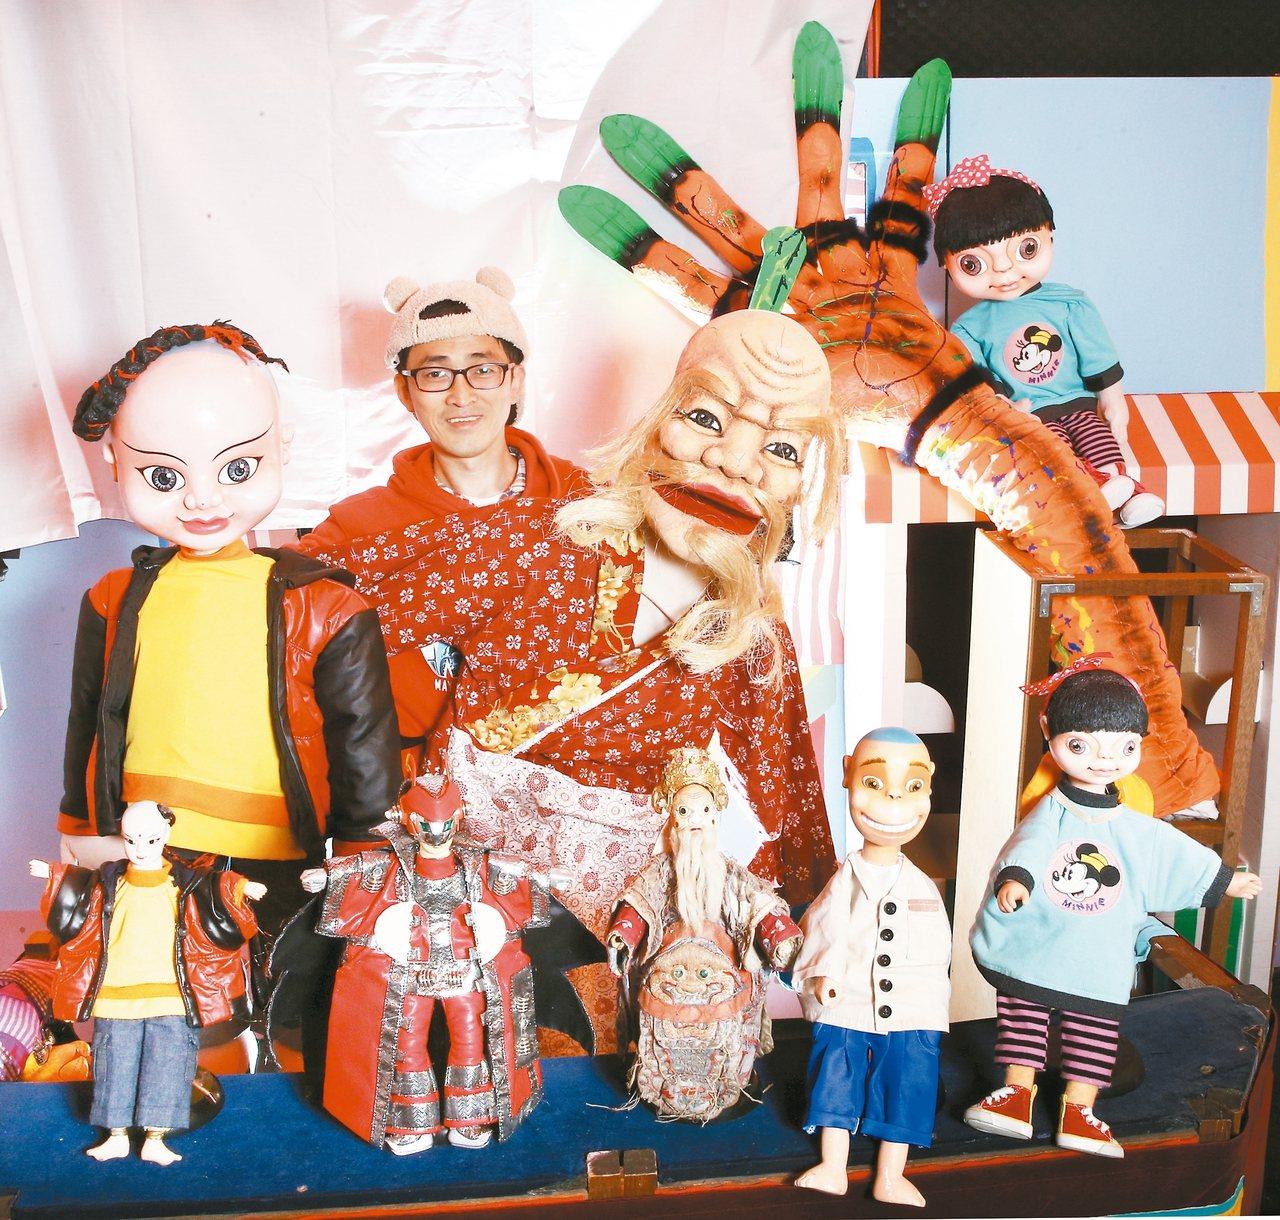 戲偶子劇團走混搭路線,同一齣劇碼會出現傳統戲偶、穿戴式魁儡和執頭偶同時演出,甚至...